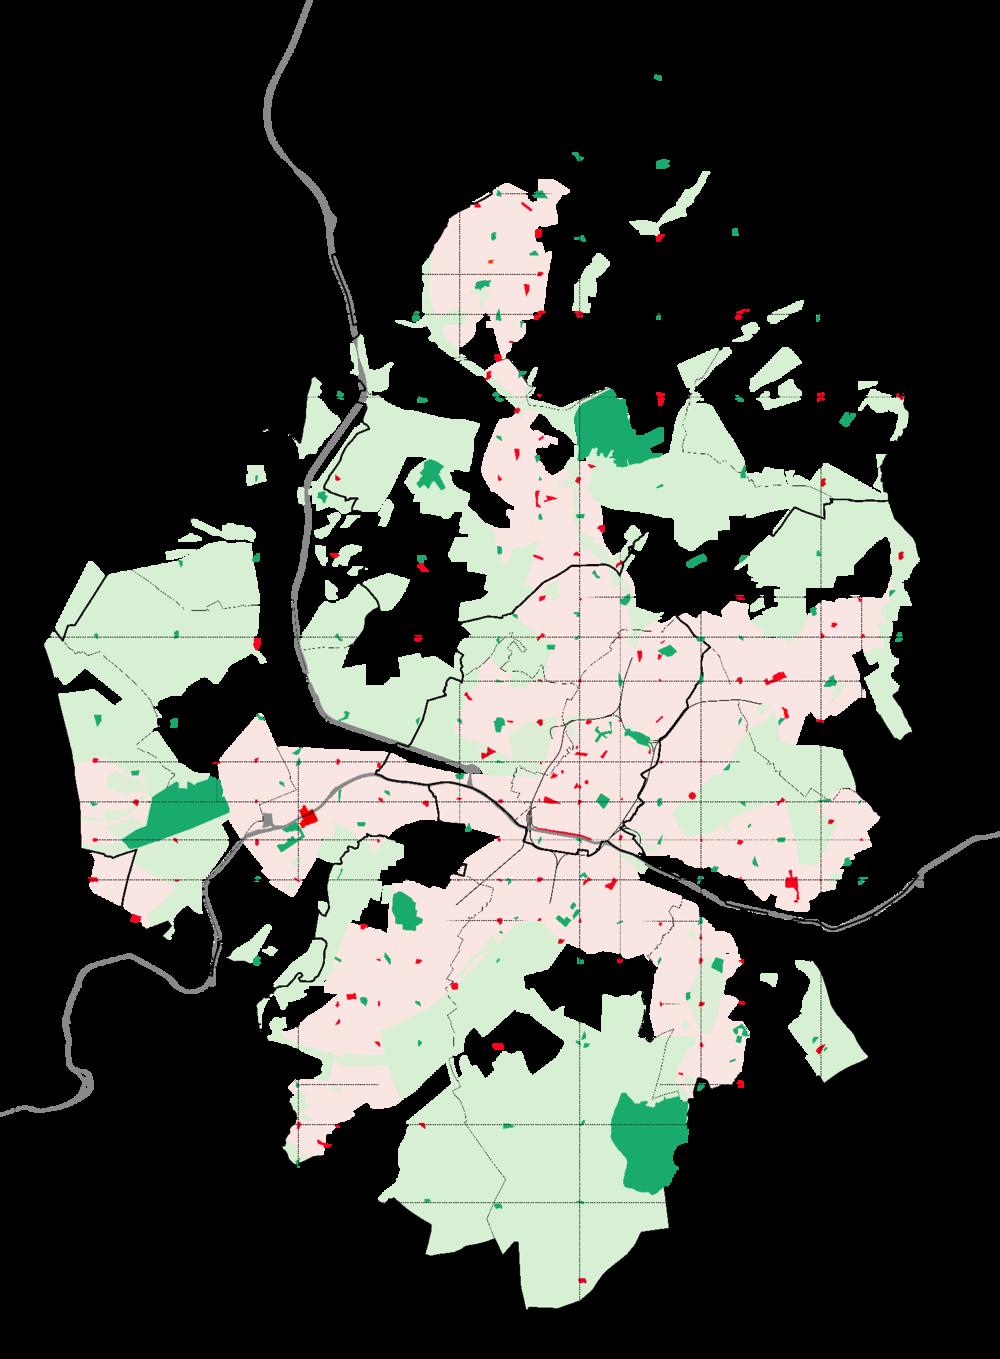 Schéma de développement territorial à l'échelle 2025